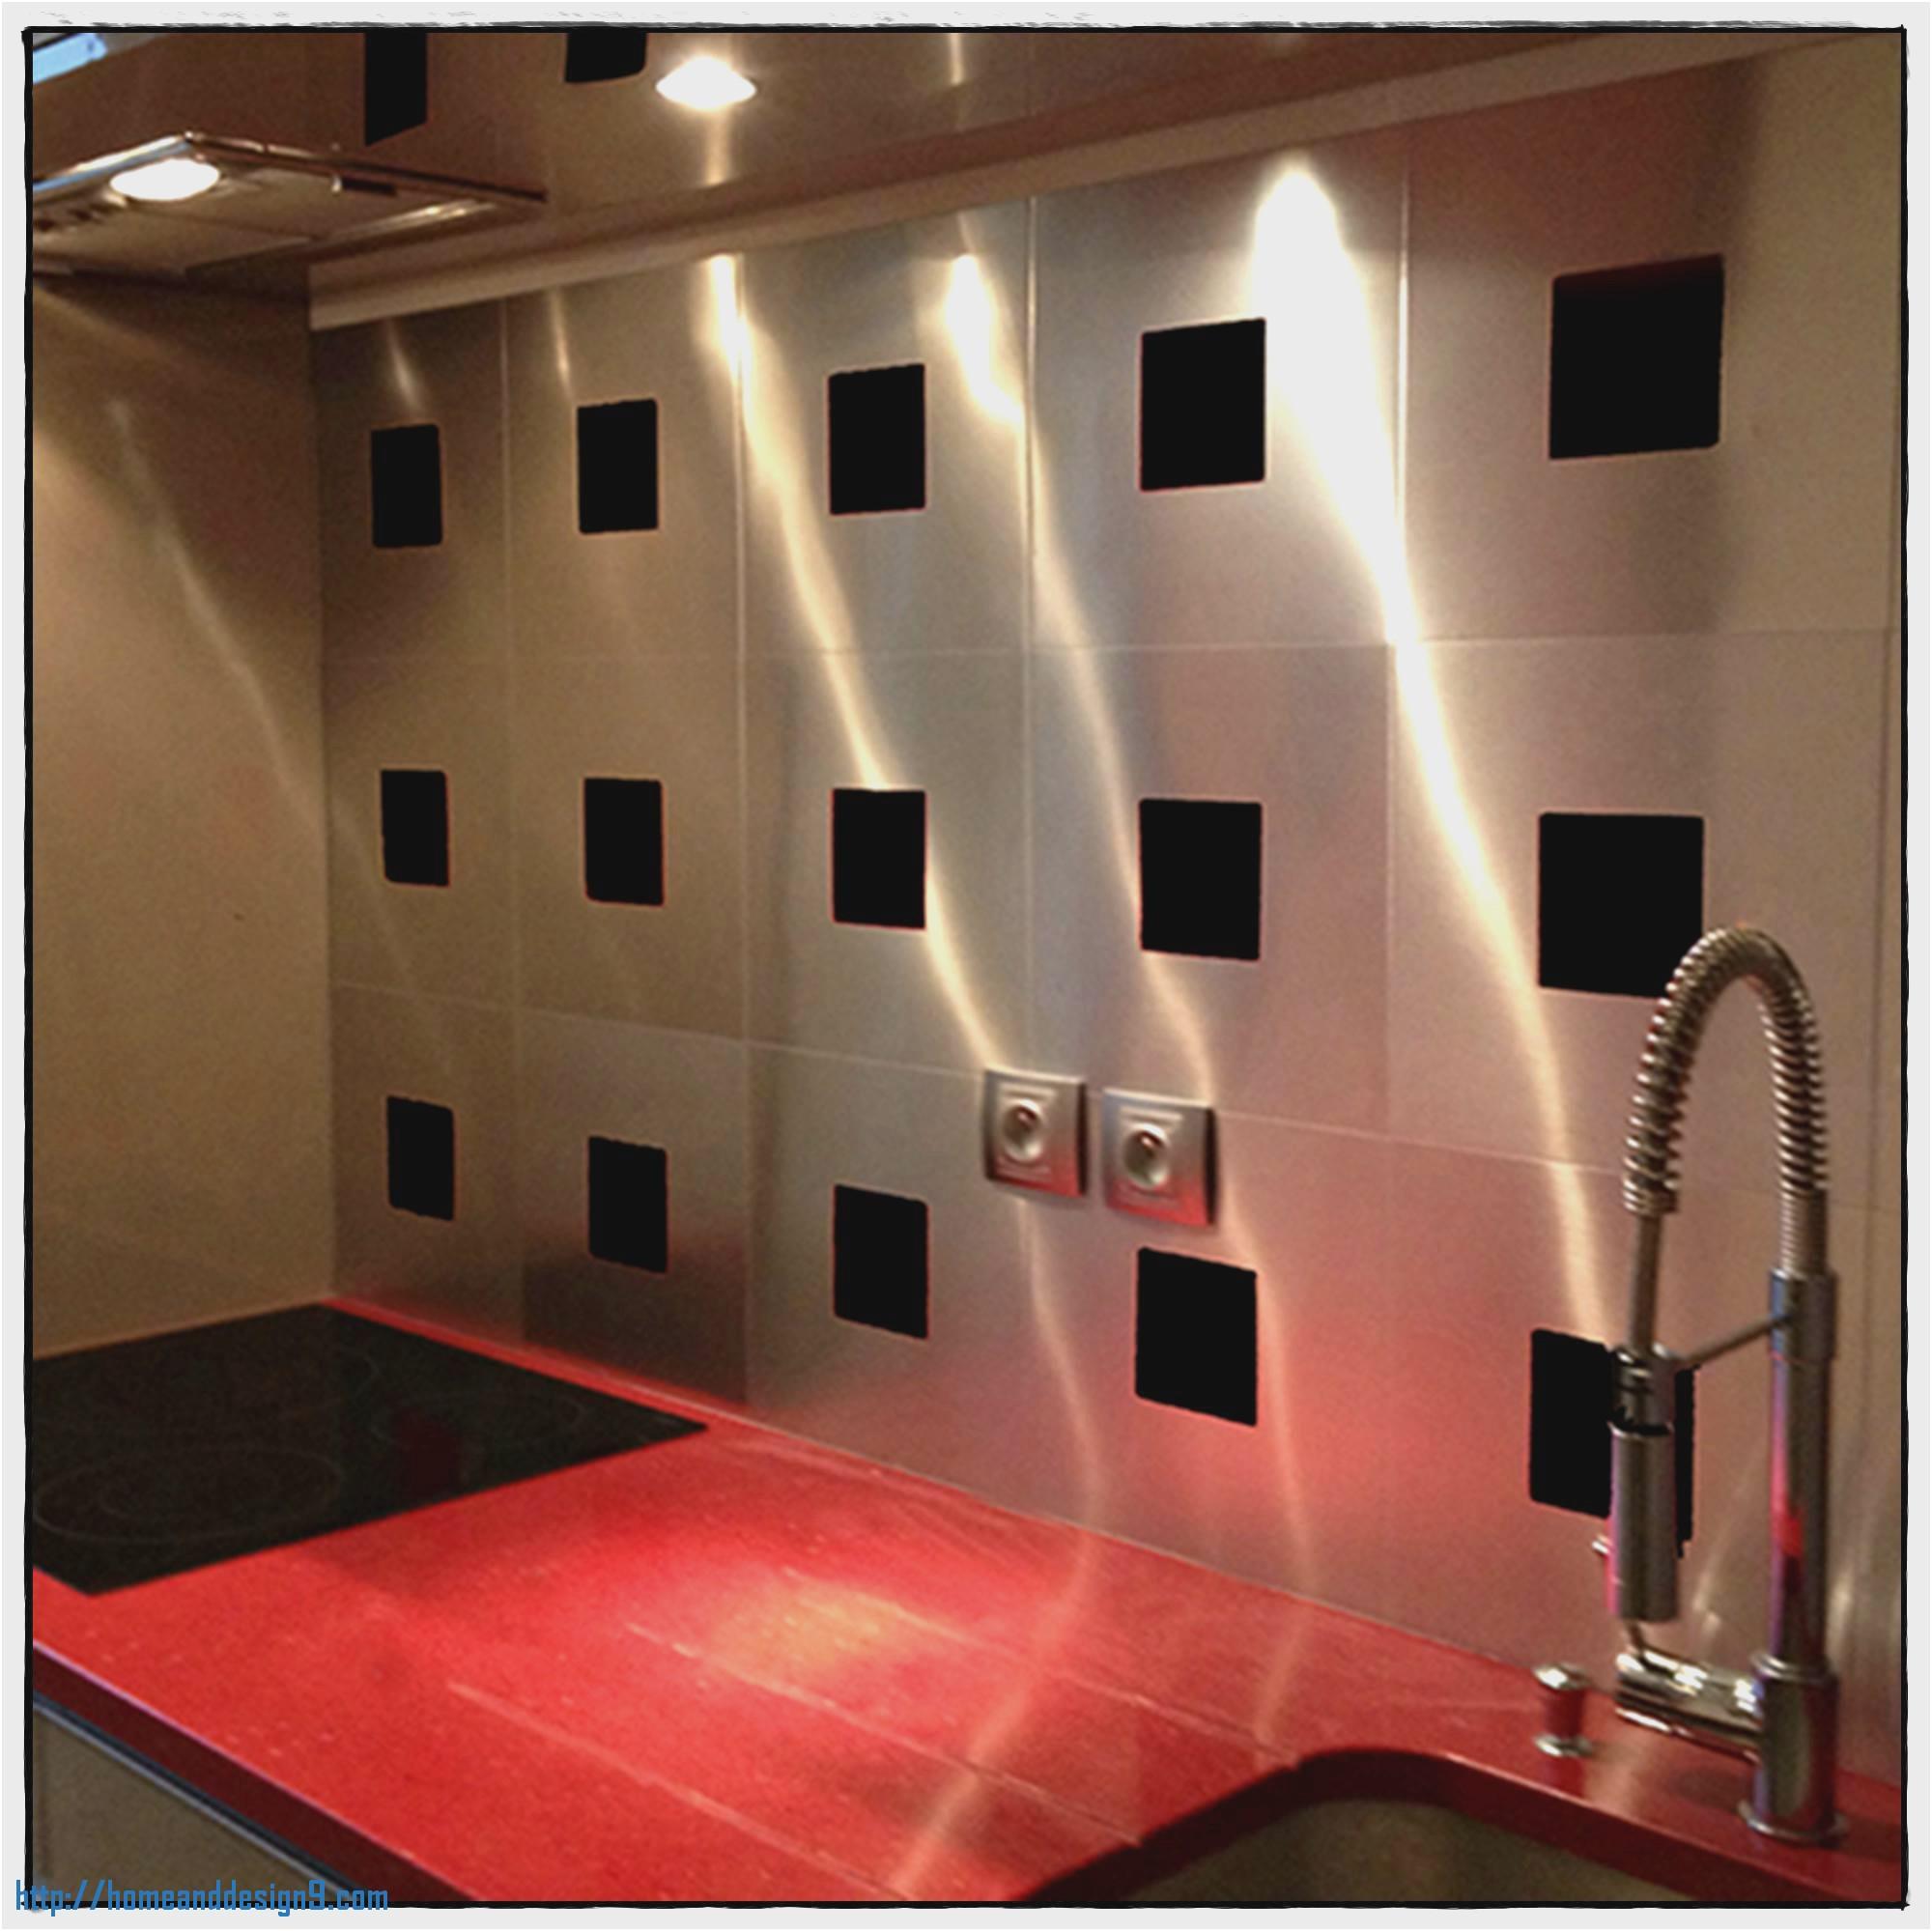 Crédence Adhésive Ikea Meilleur De Galerie Ides Dimages De Carrelage Adhsif Mural Ikea